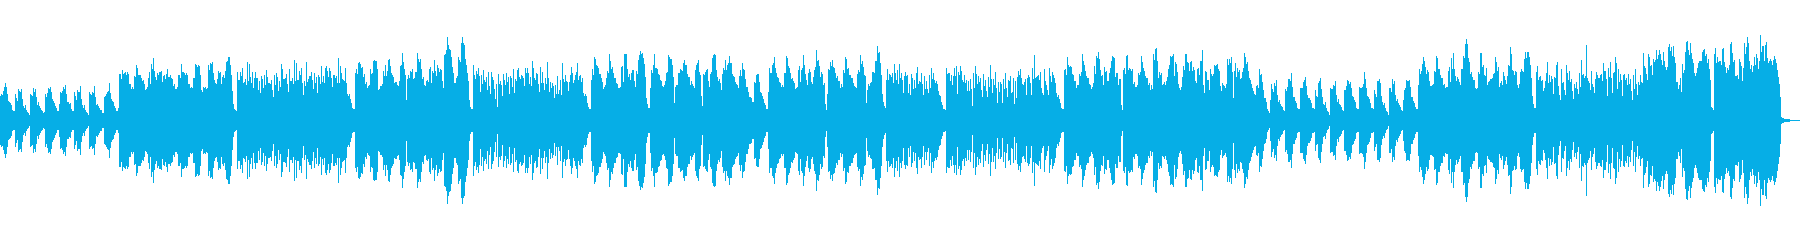 ほのぼ系Cl.とPf.の軽いスウィングの再生済みの波形